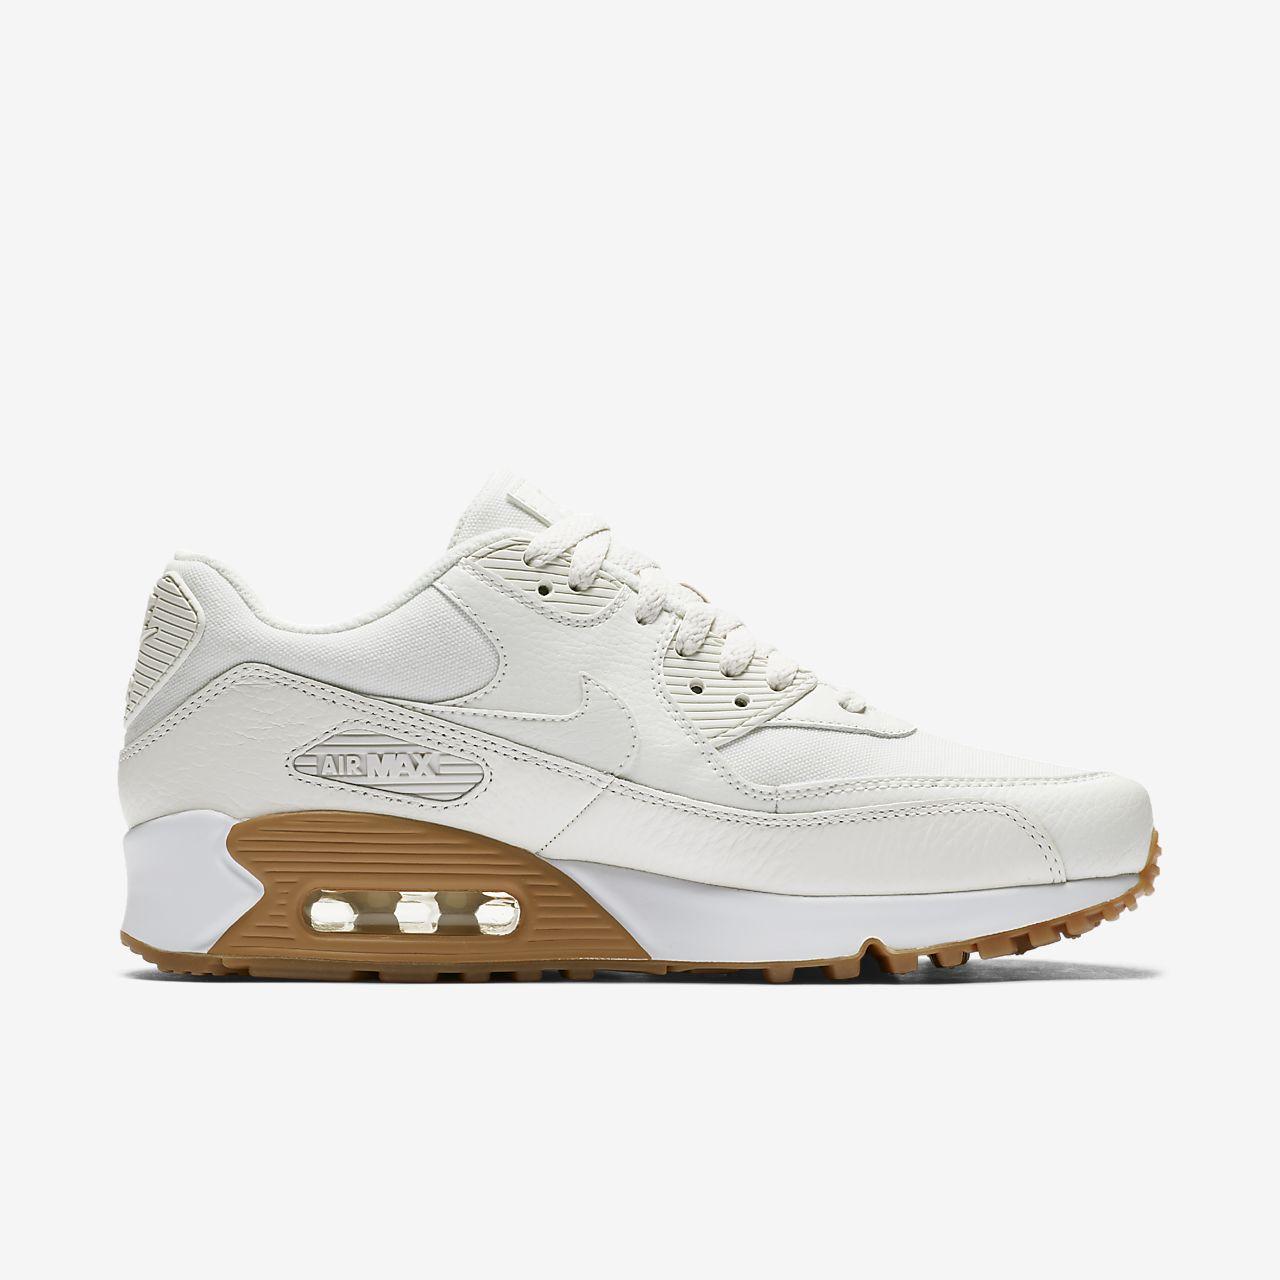 ... Chaussure Nike Air Max 90 Essential pour Femme